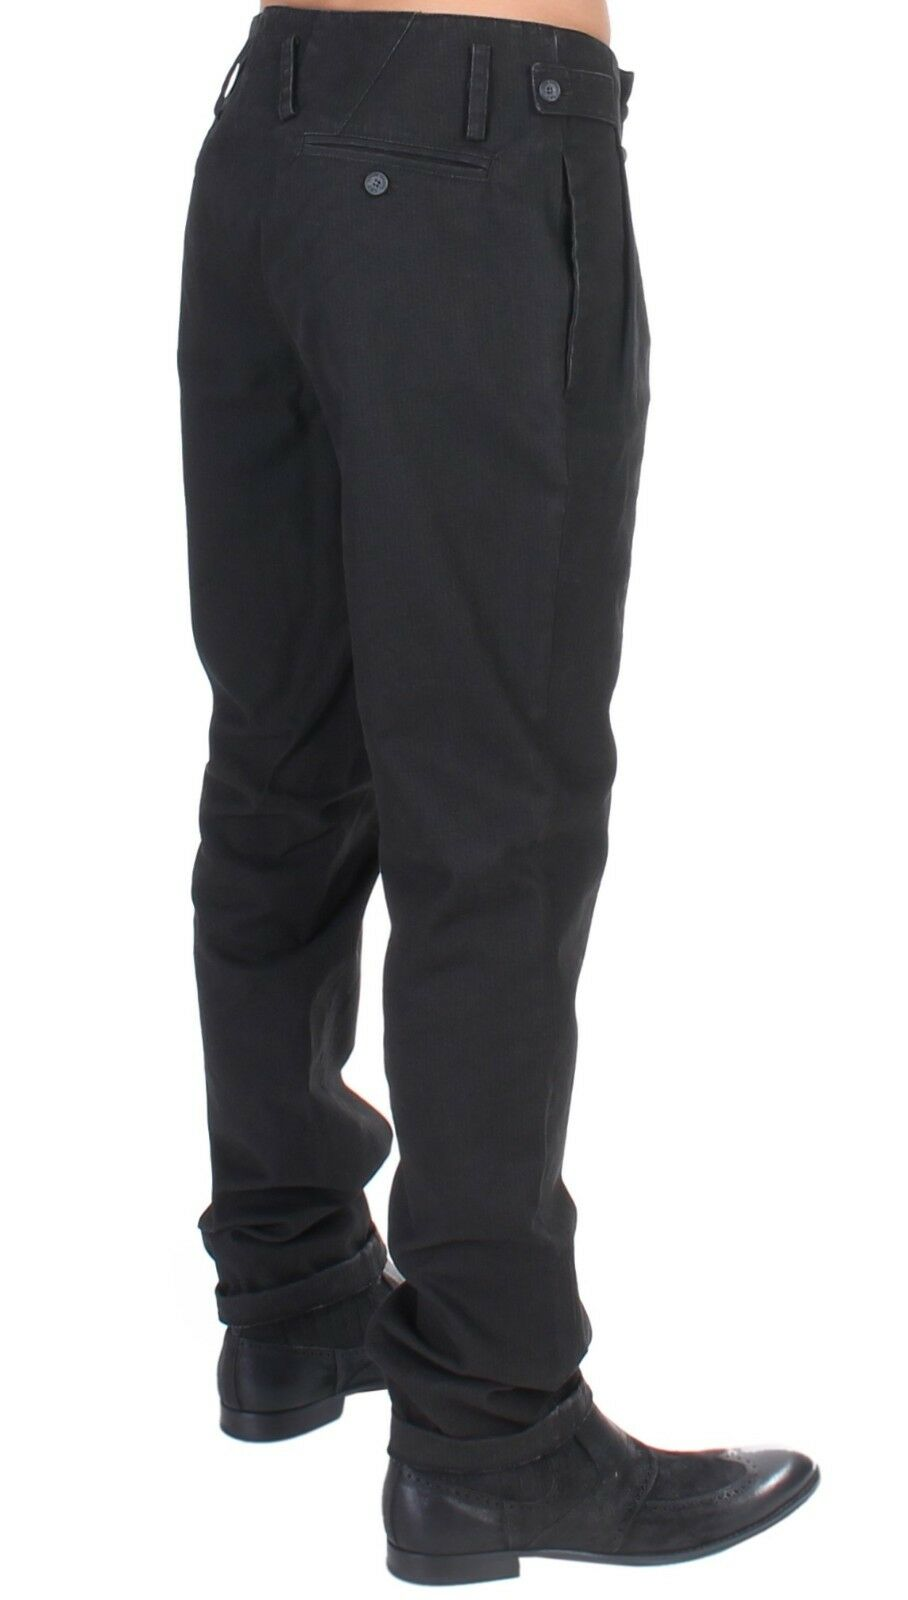 NUOVO COSTUME NATIONAL C E grigio a righe, in cotone pantaloni elasticizzati S.